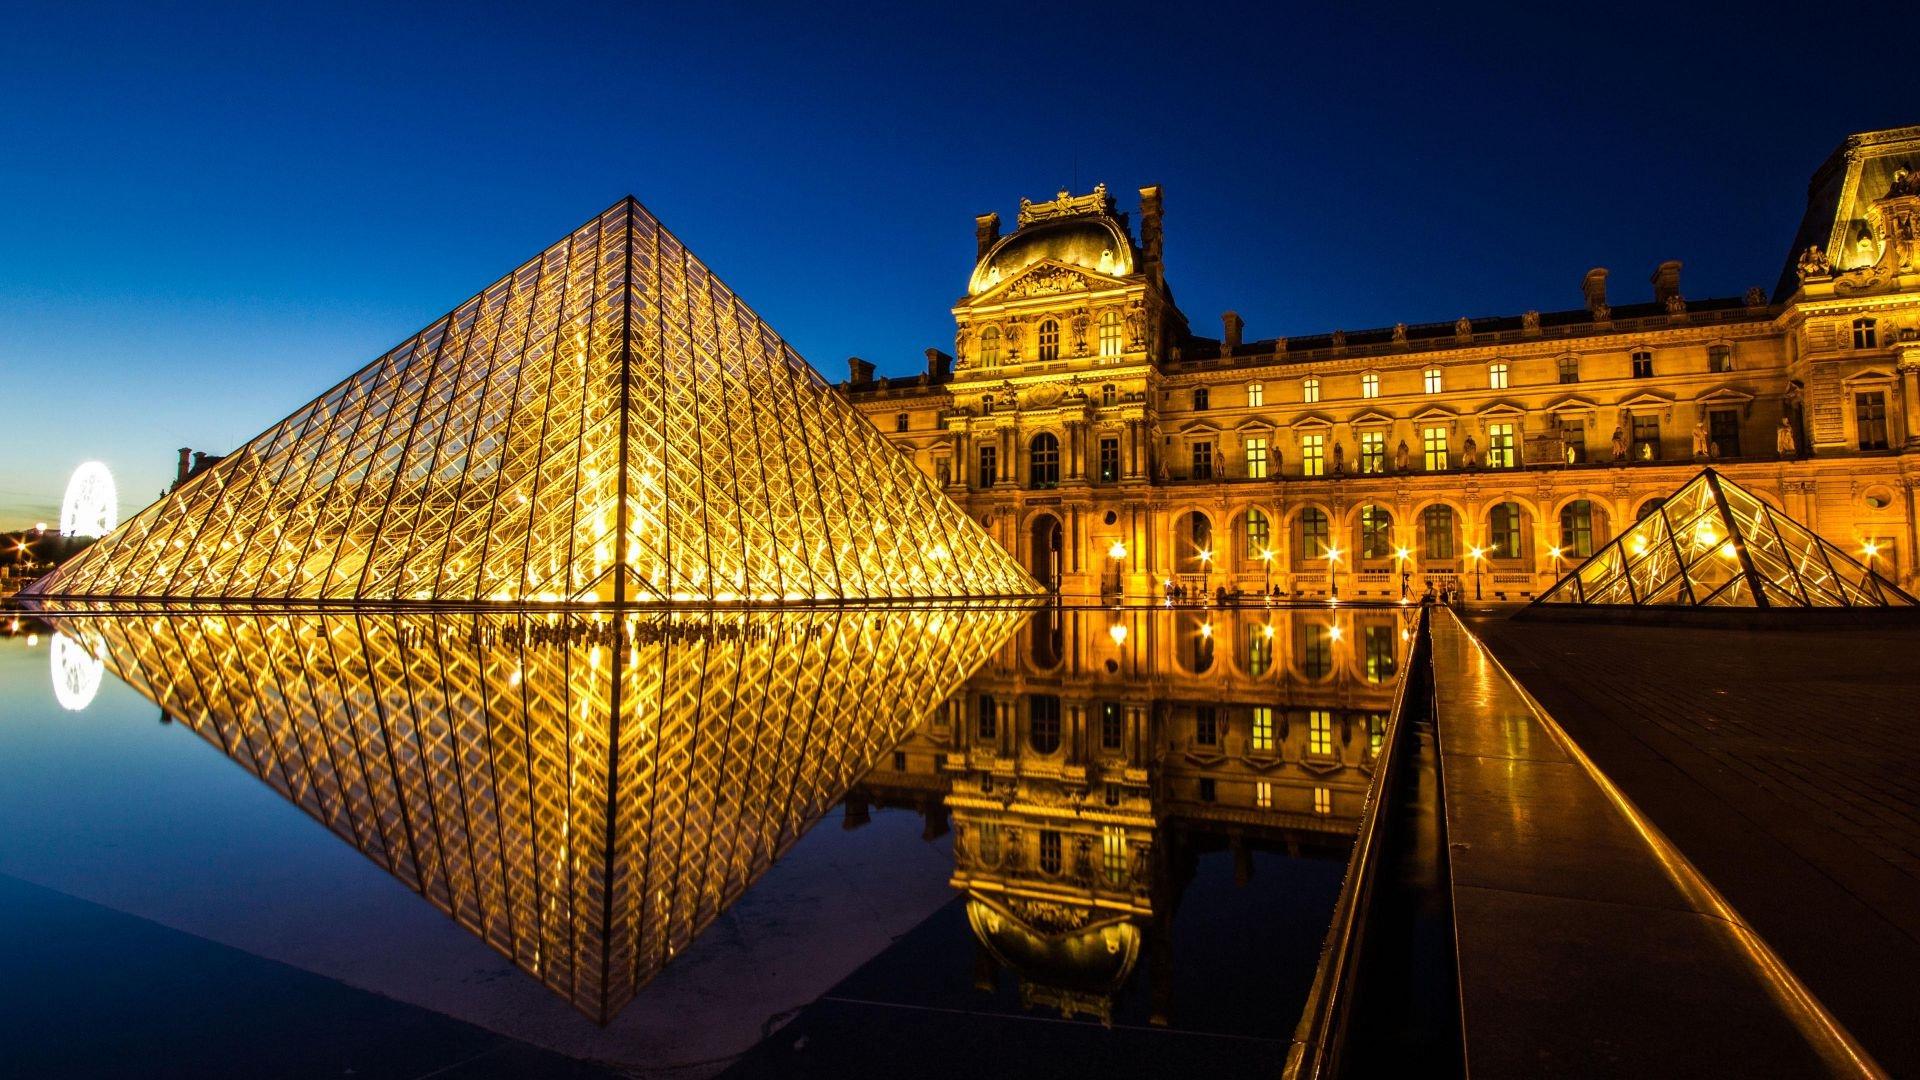 разделся присел музеи стран в картинках предназначена для первичной